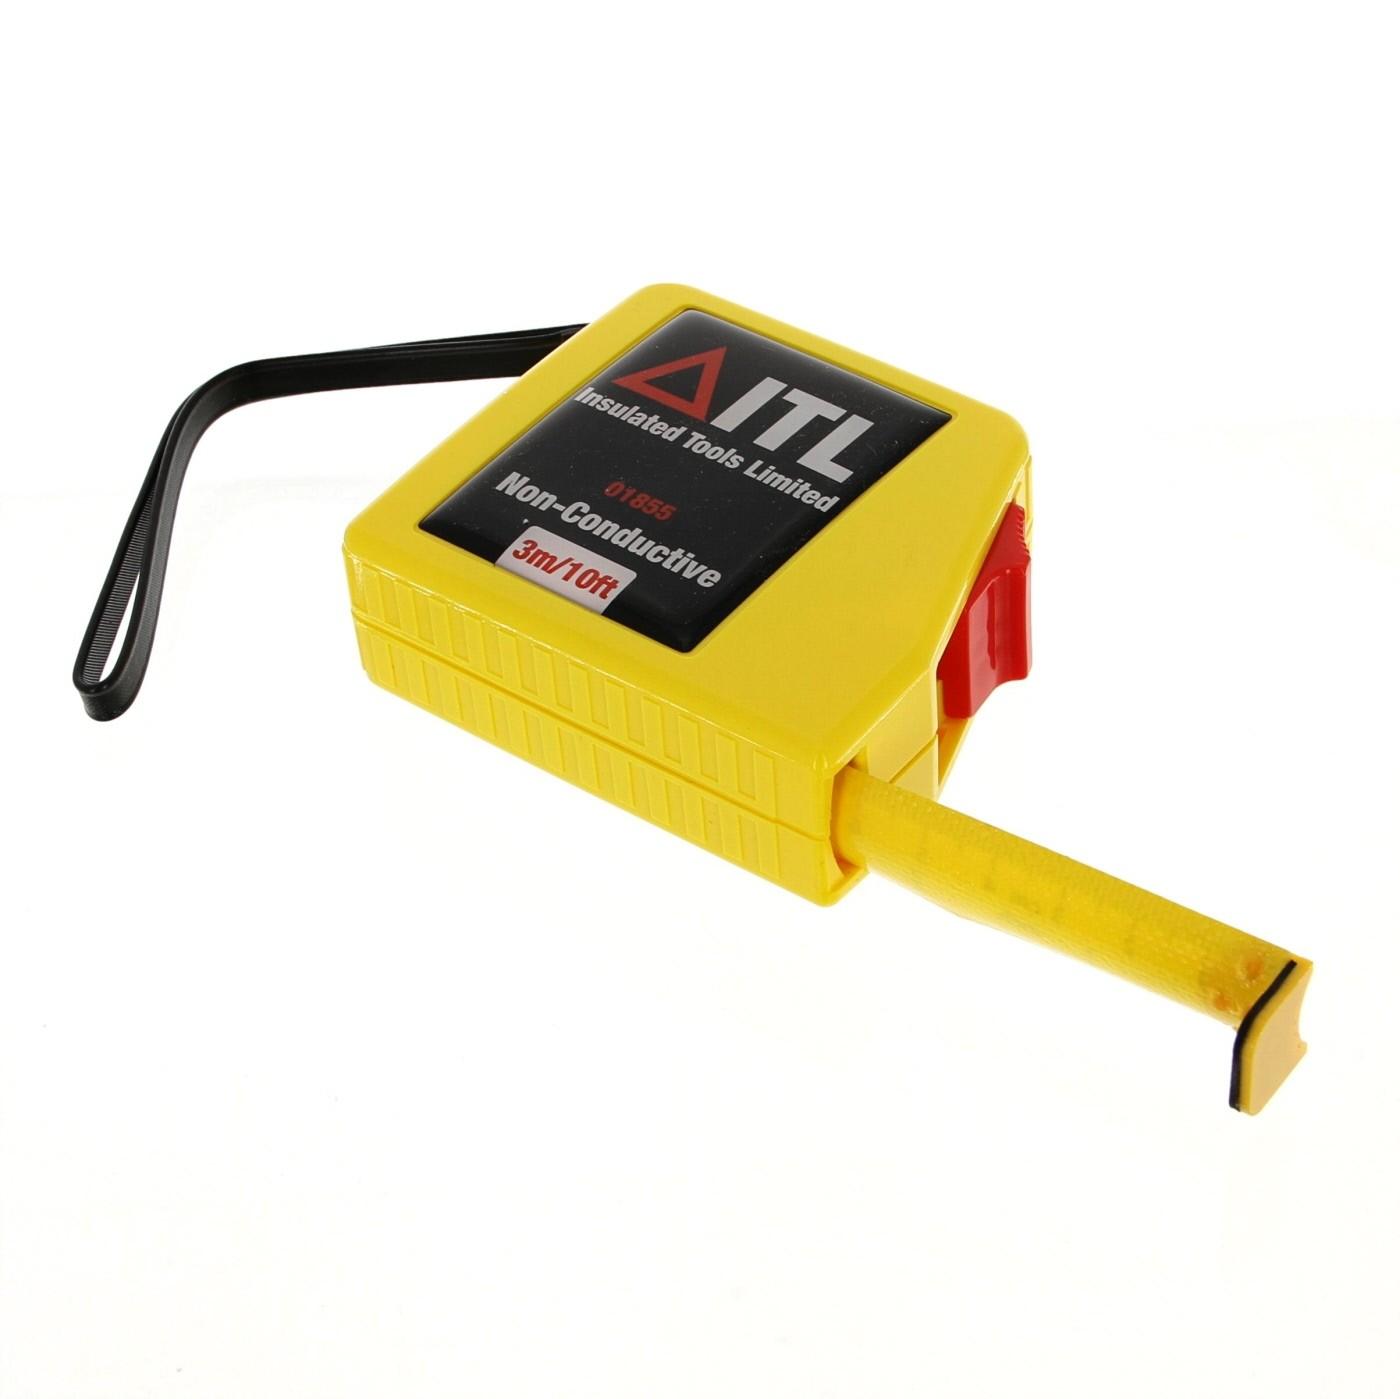 Itl Insulated Tools Ltd It//3Mt 3Mtr Non-Conductive Tape Measure